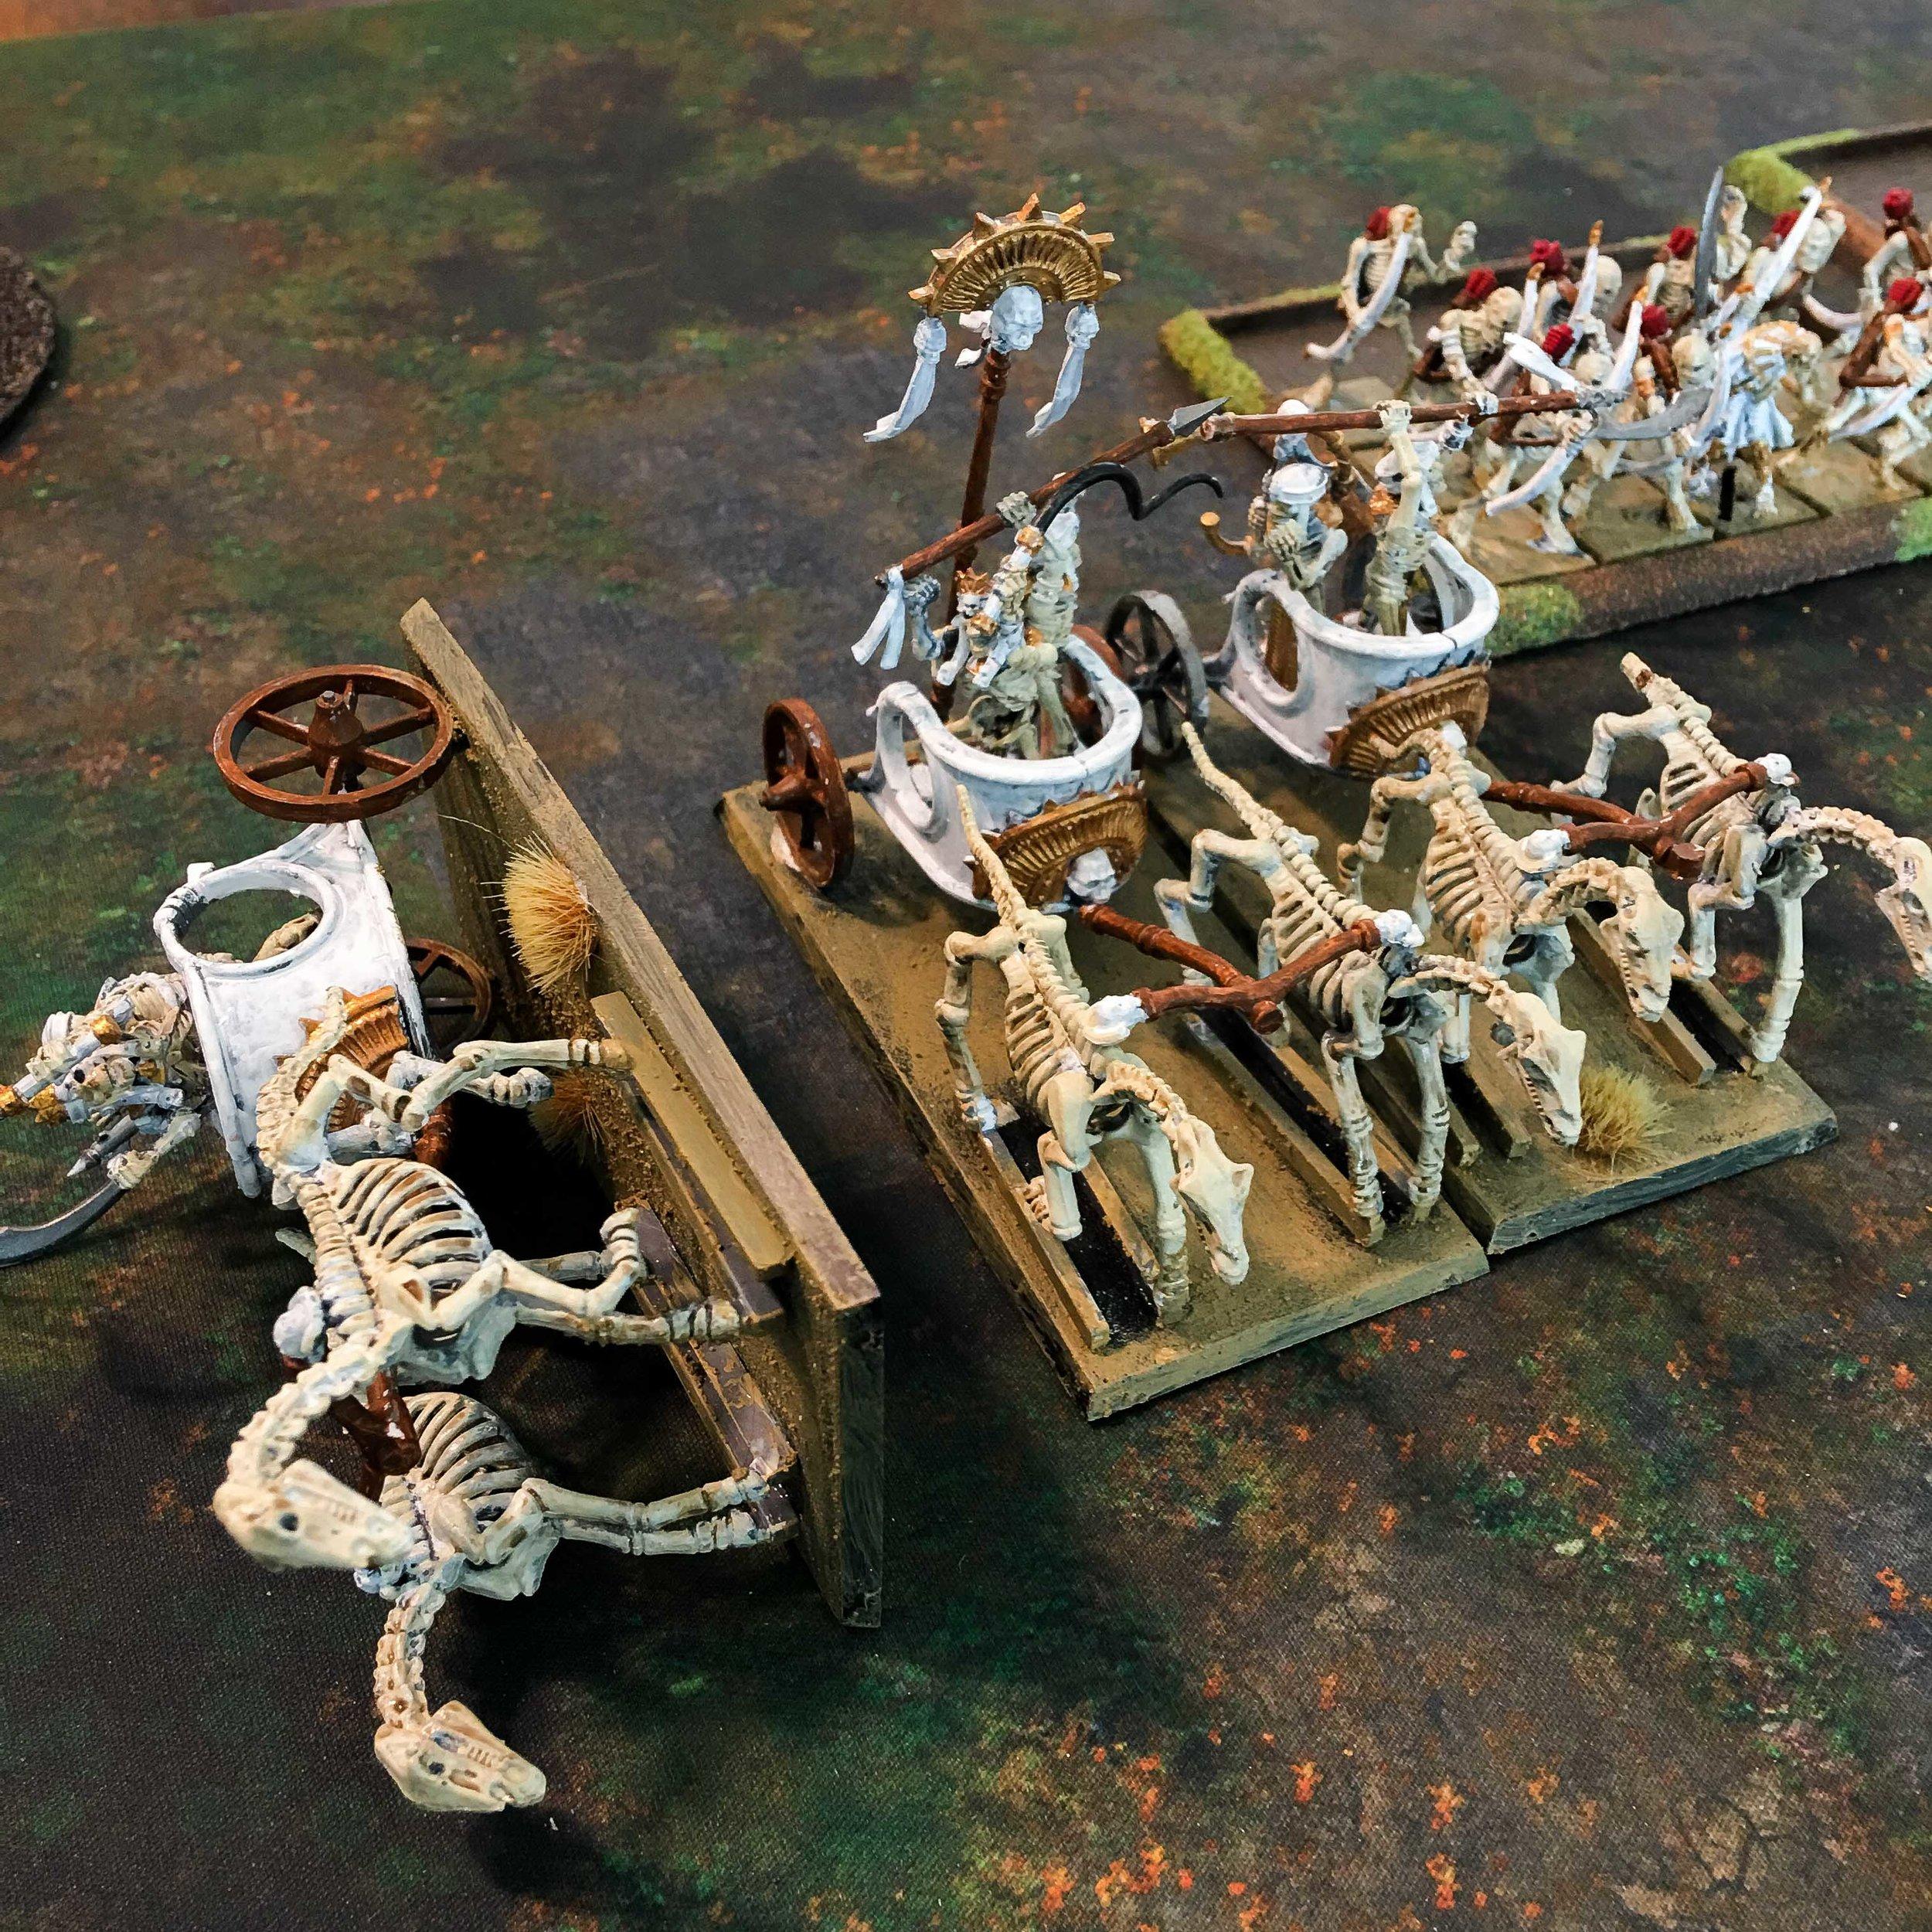 dwarf-tomb-kings-turn-2-chariot-down